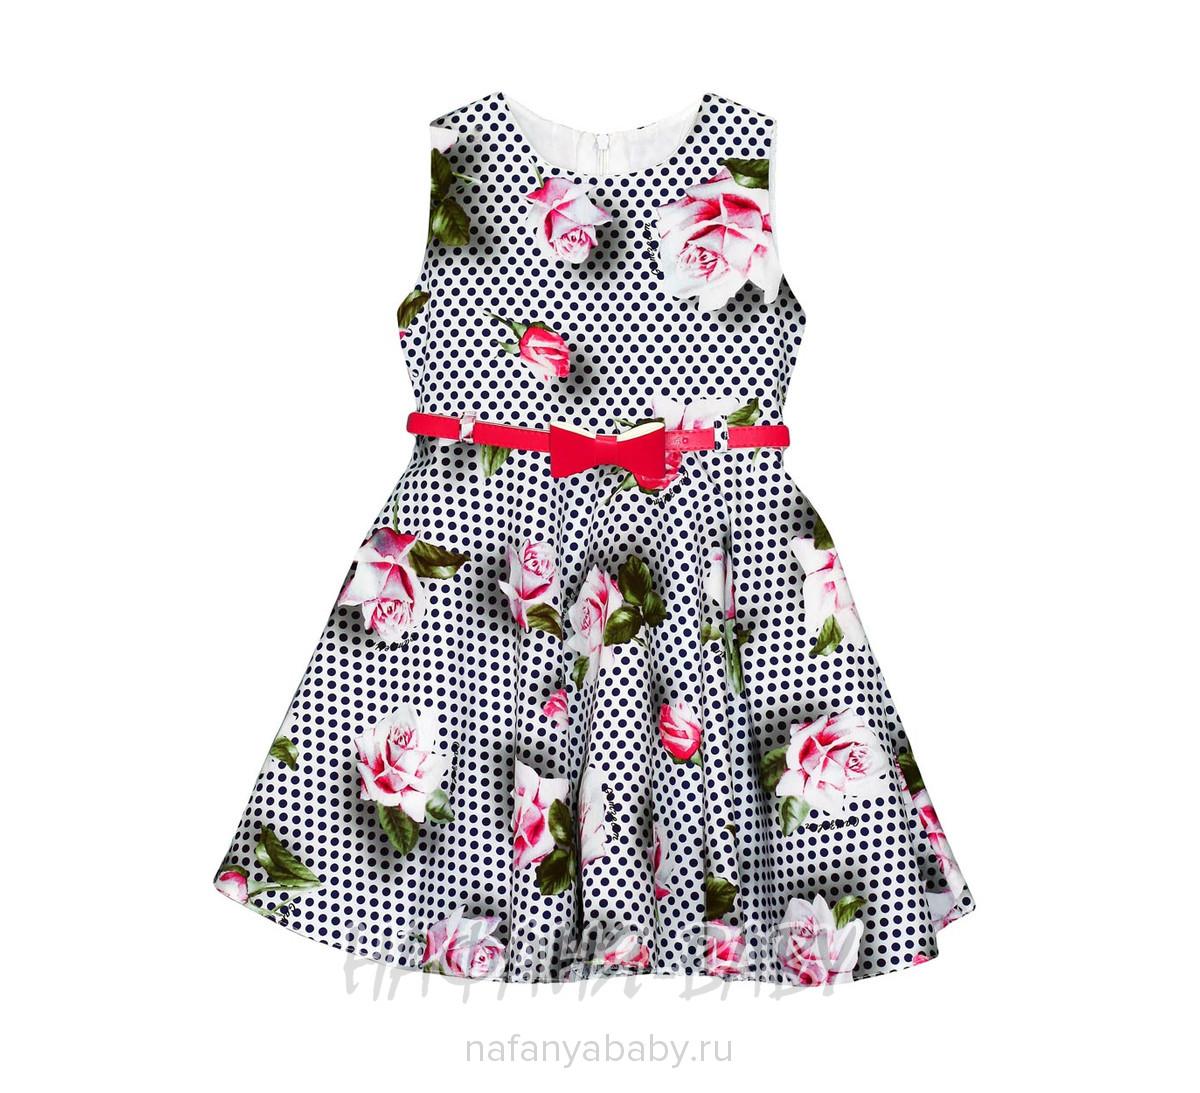 Детское платье GAMZELIM арт: 1102, 5-9 лет, цвет белый в темно-синий горошек, оптом Турция